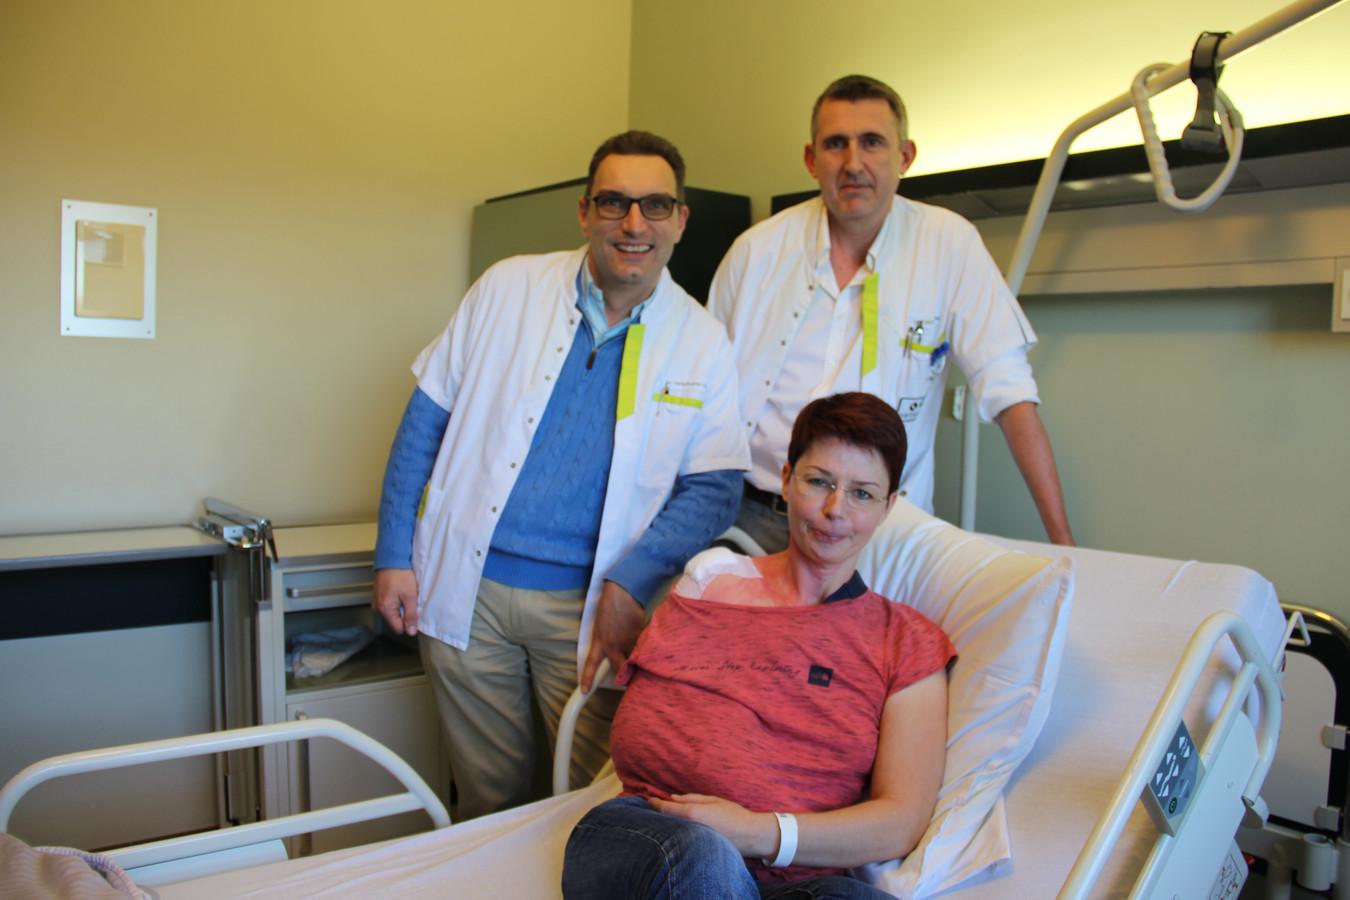 Anesthesist Harald Verschueren bracht Nathalie Lebrun onder hypnose terwijl chirurg Olivier Fabre aan schouder opereerde.